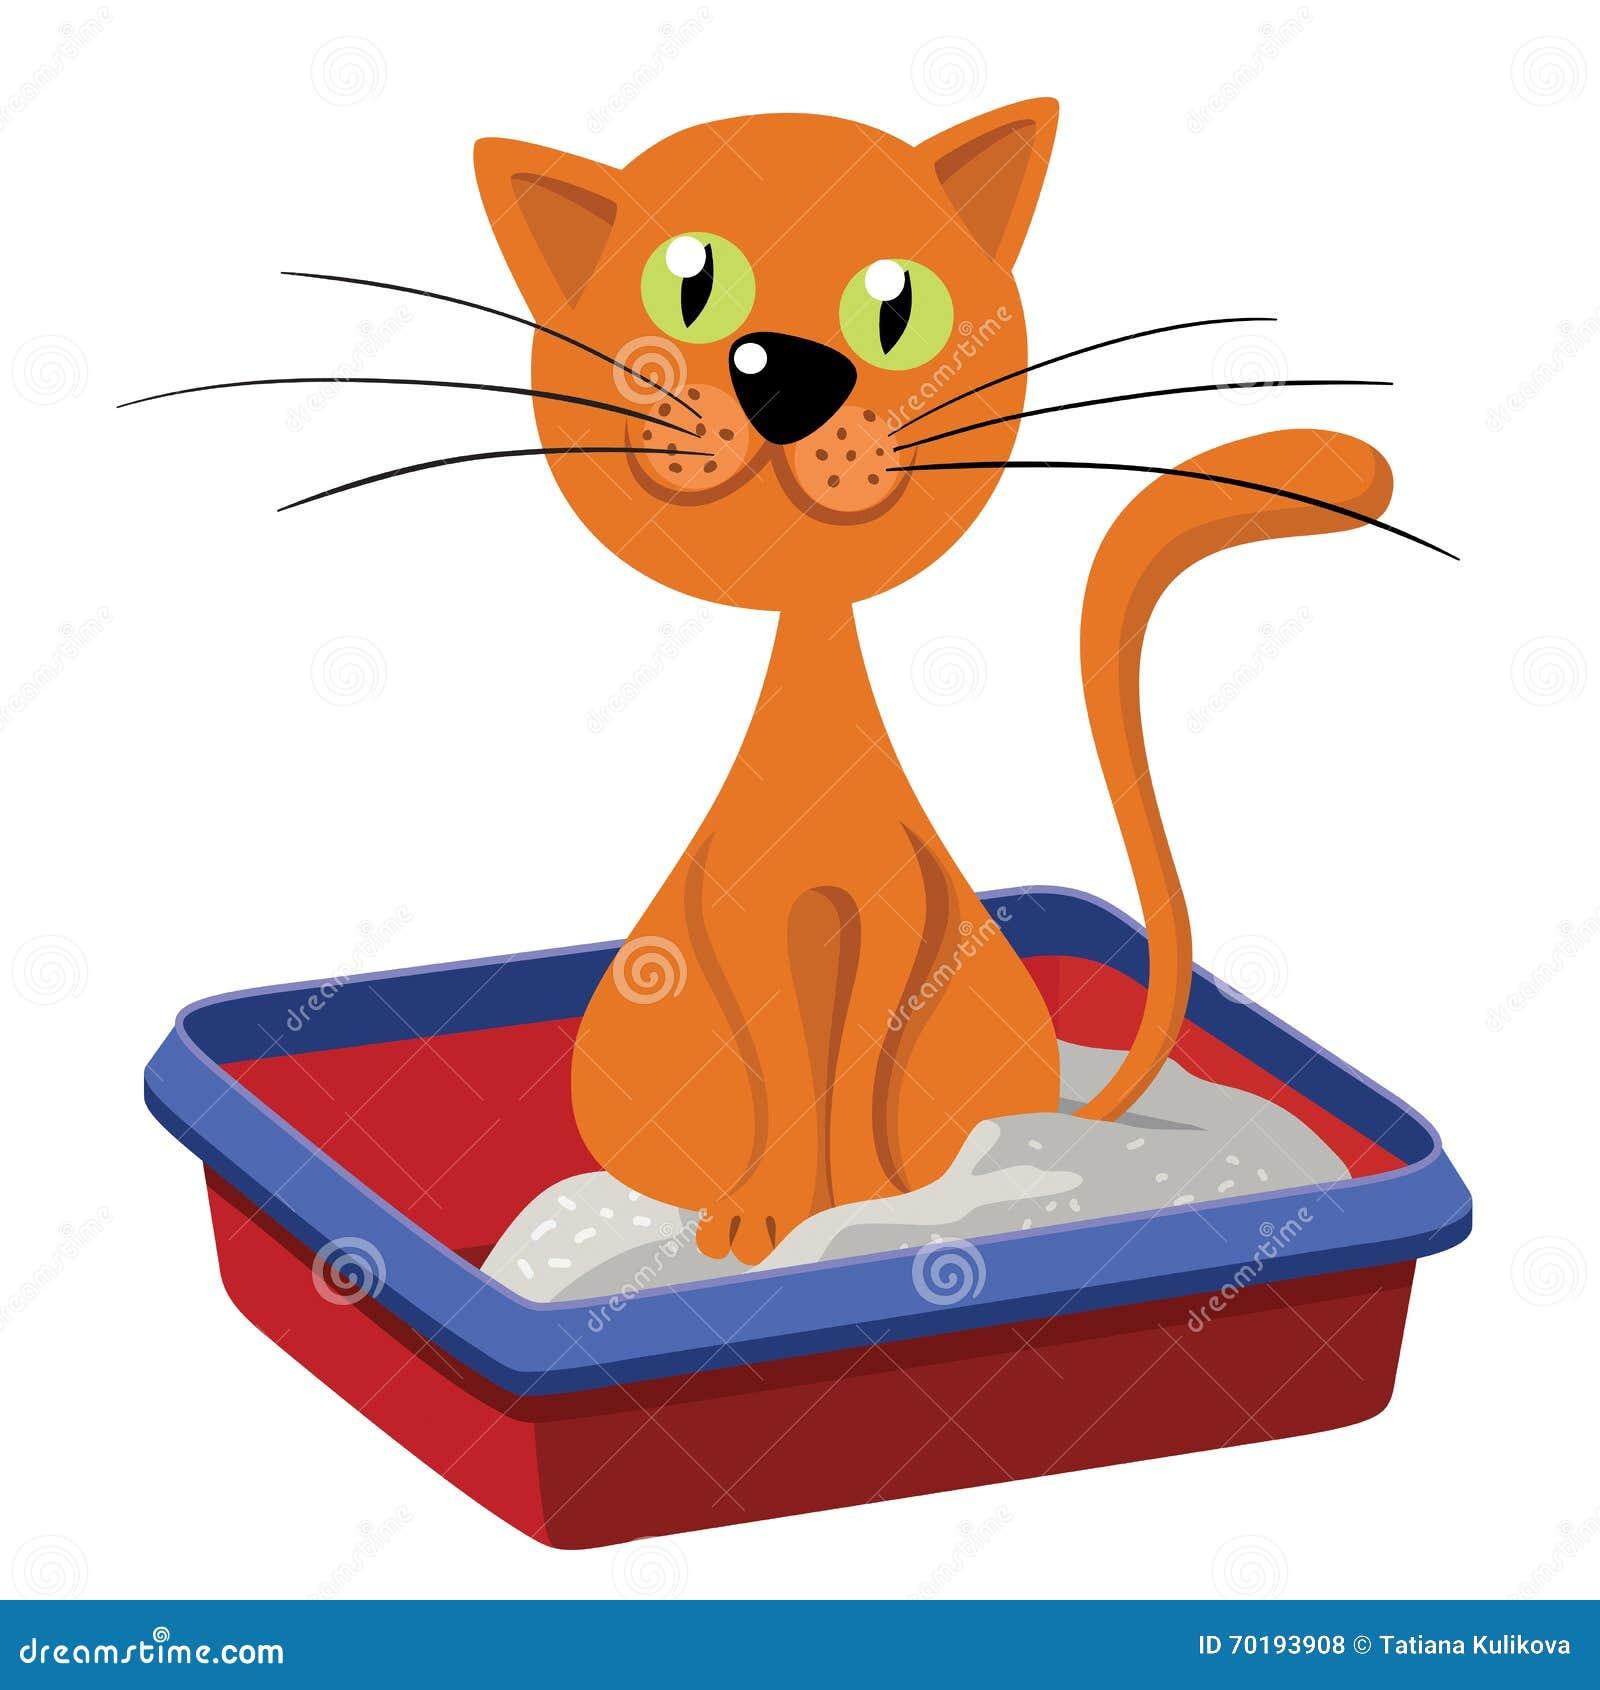 Cat Inside Litter Illustrationen av en rolig rödhårig man gjorde strimmig teckenet för den inhemska katten för tecknade filmen